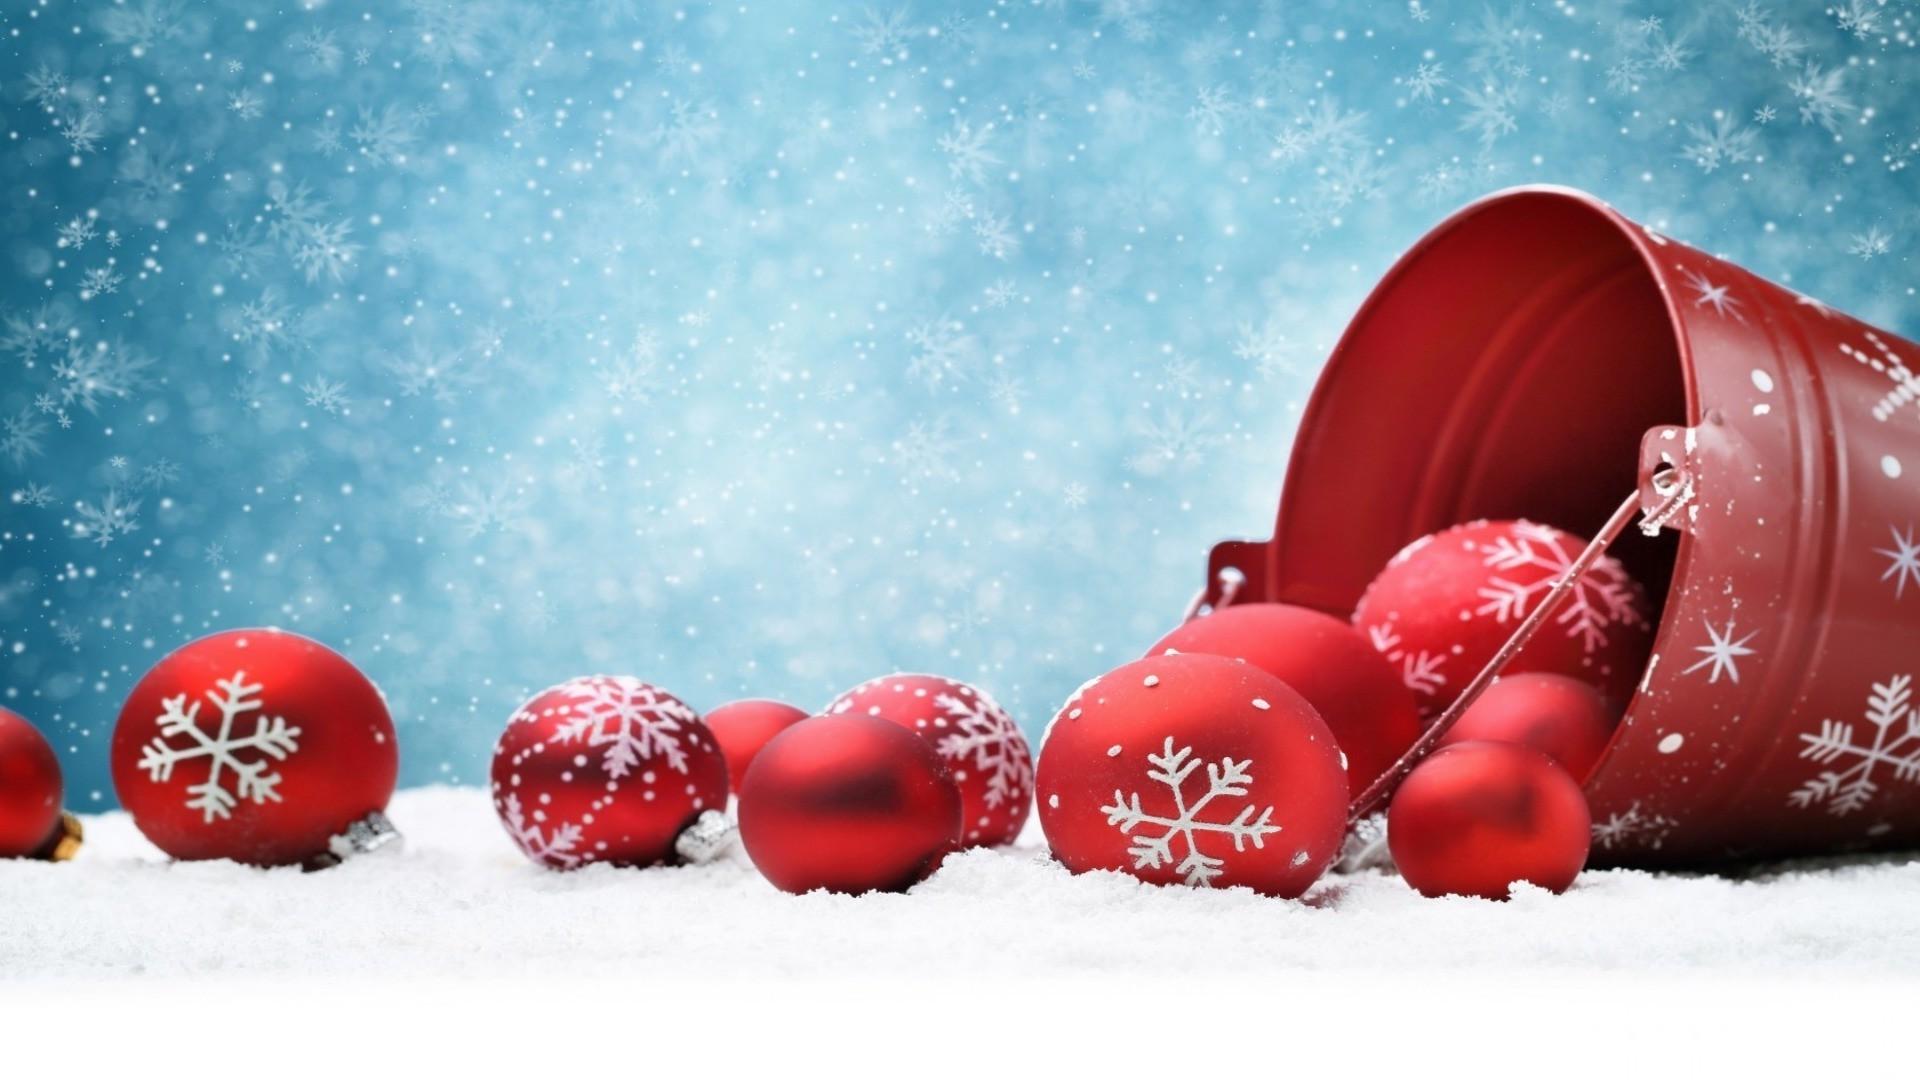 картинки зима на рабочий стол хорошее качество новый год прокопьевские парни